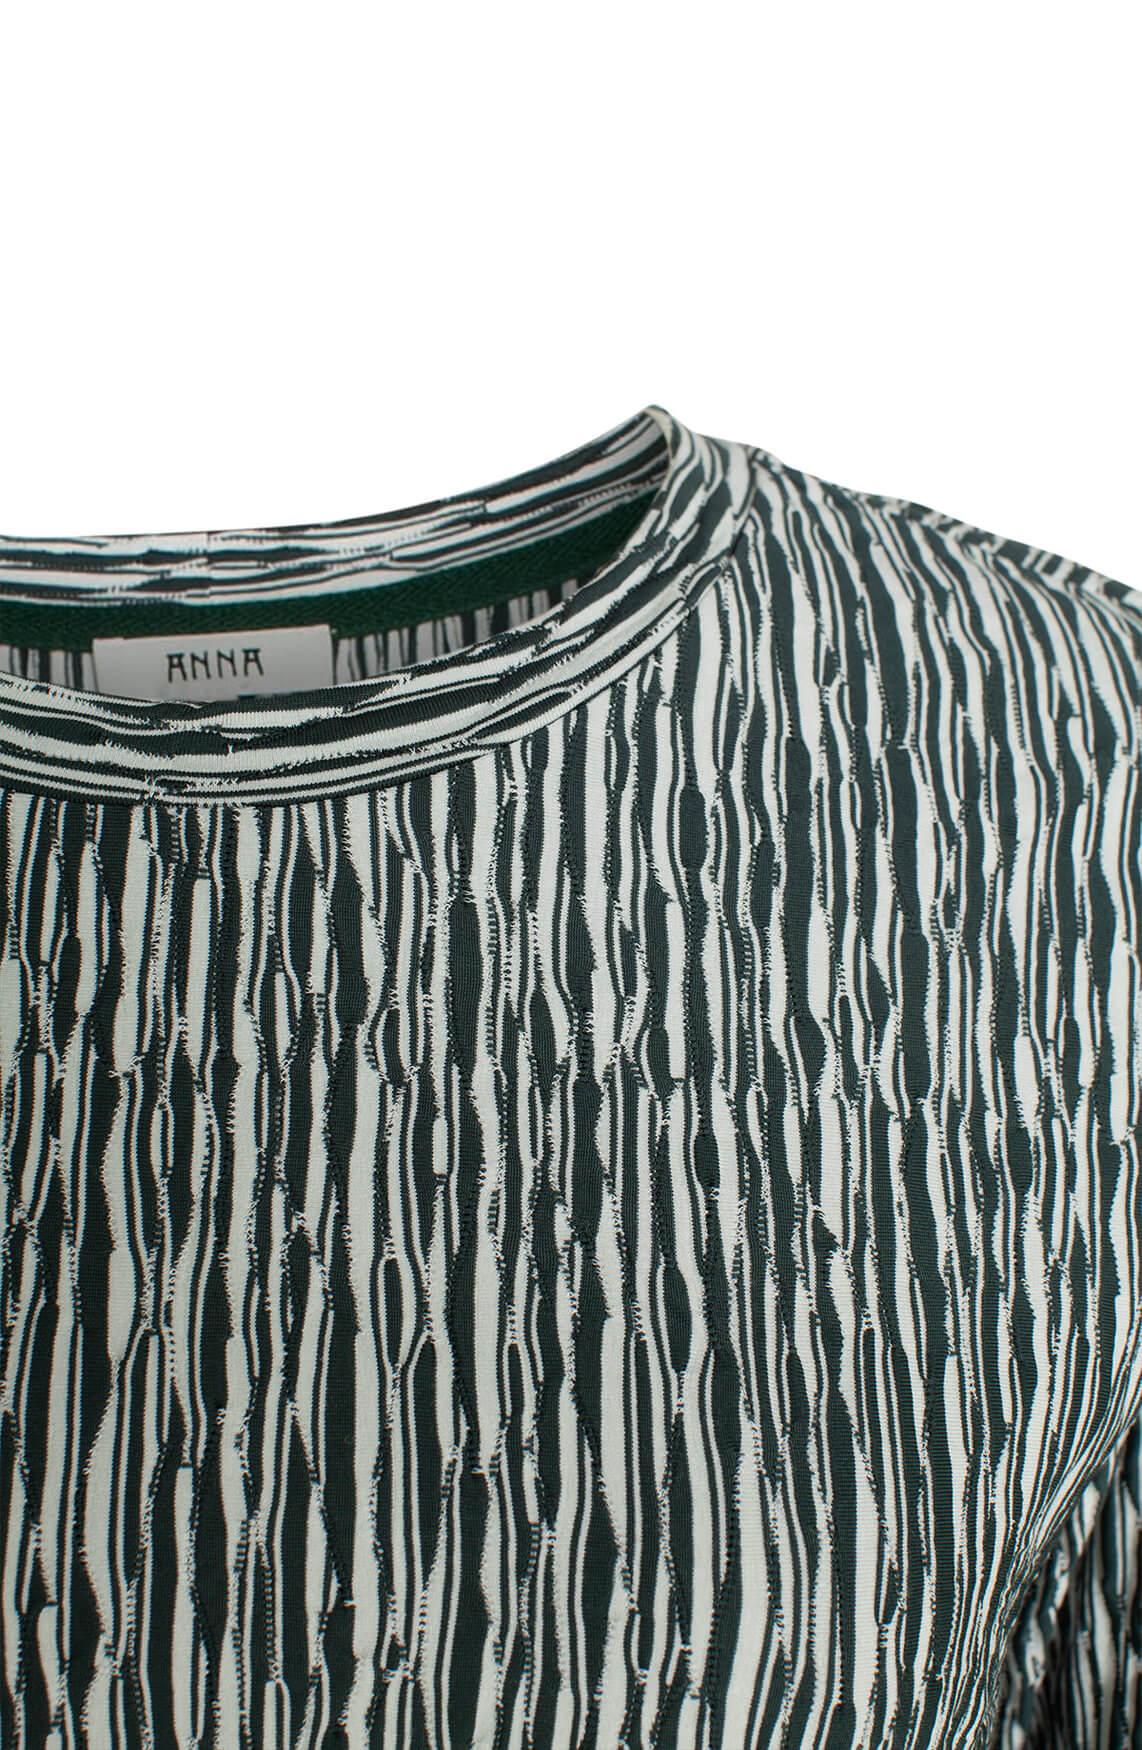 Anna Dames Reliëf shirt groen